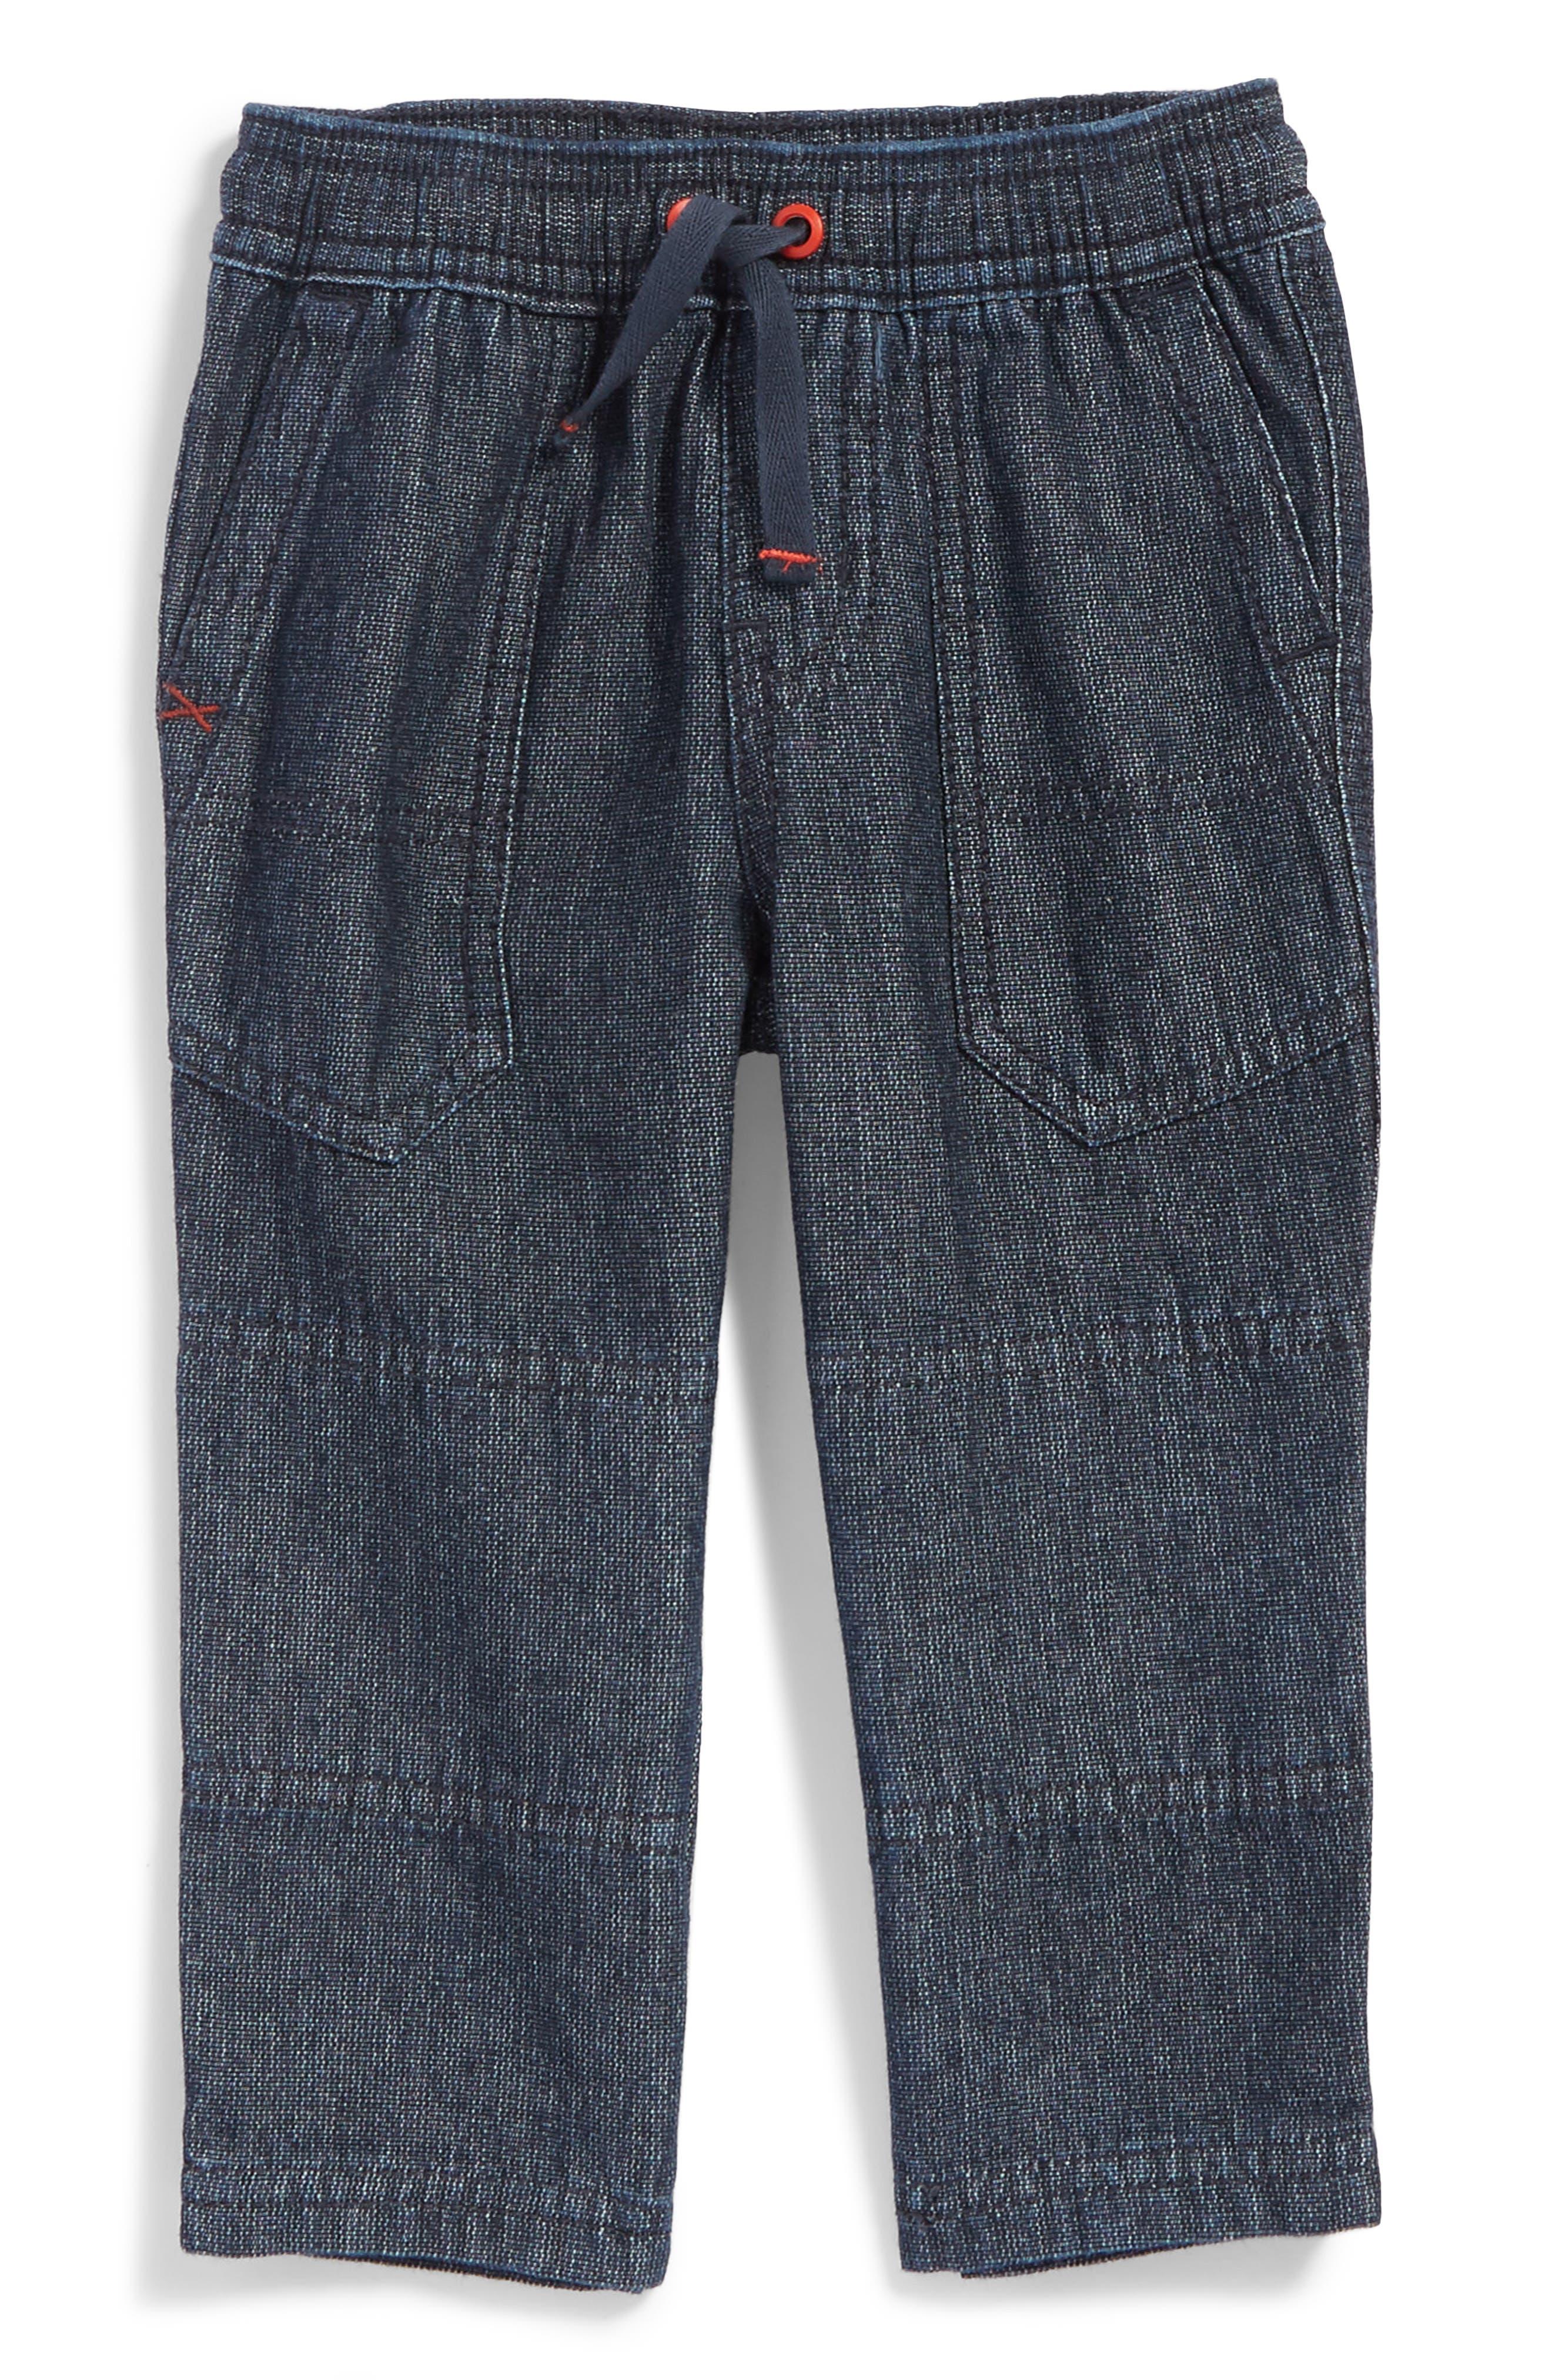 Canvas Explorer Pants,                         Main,                         color, 497